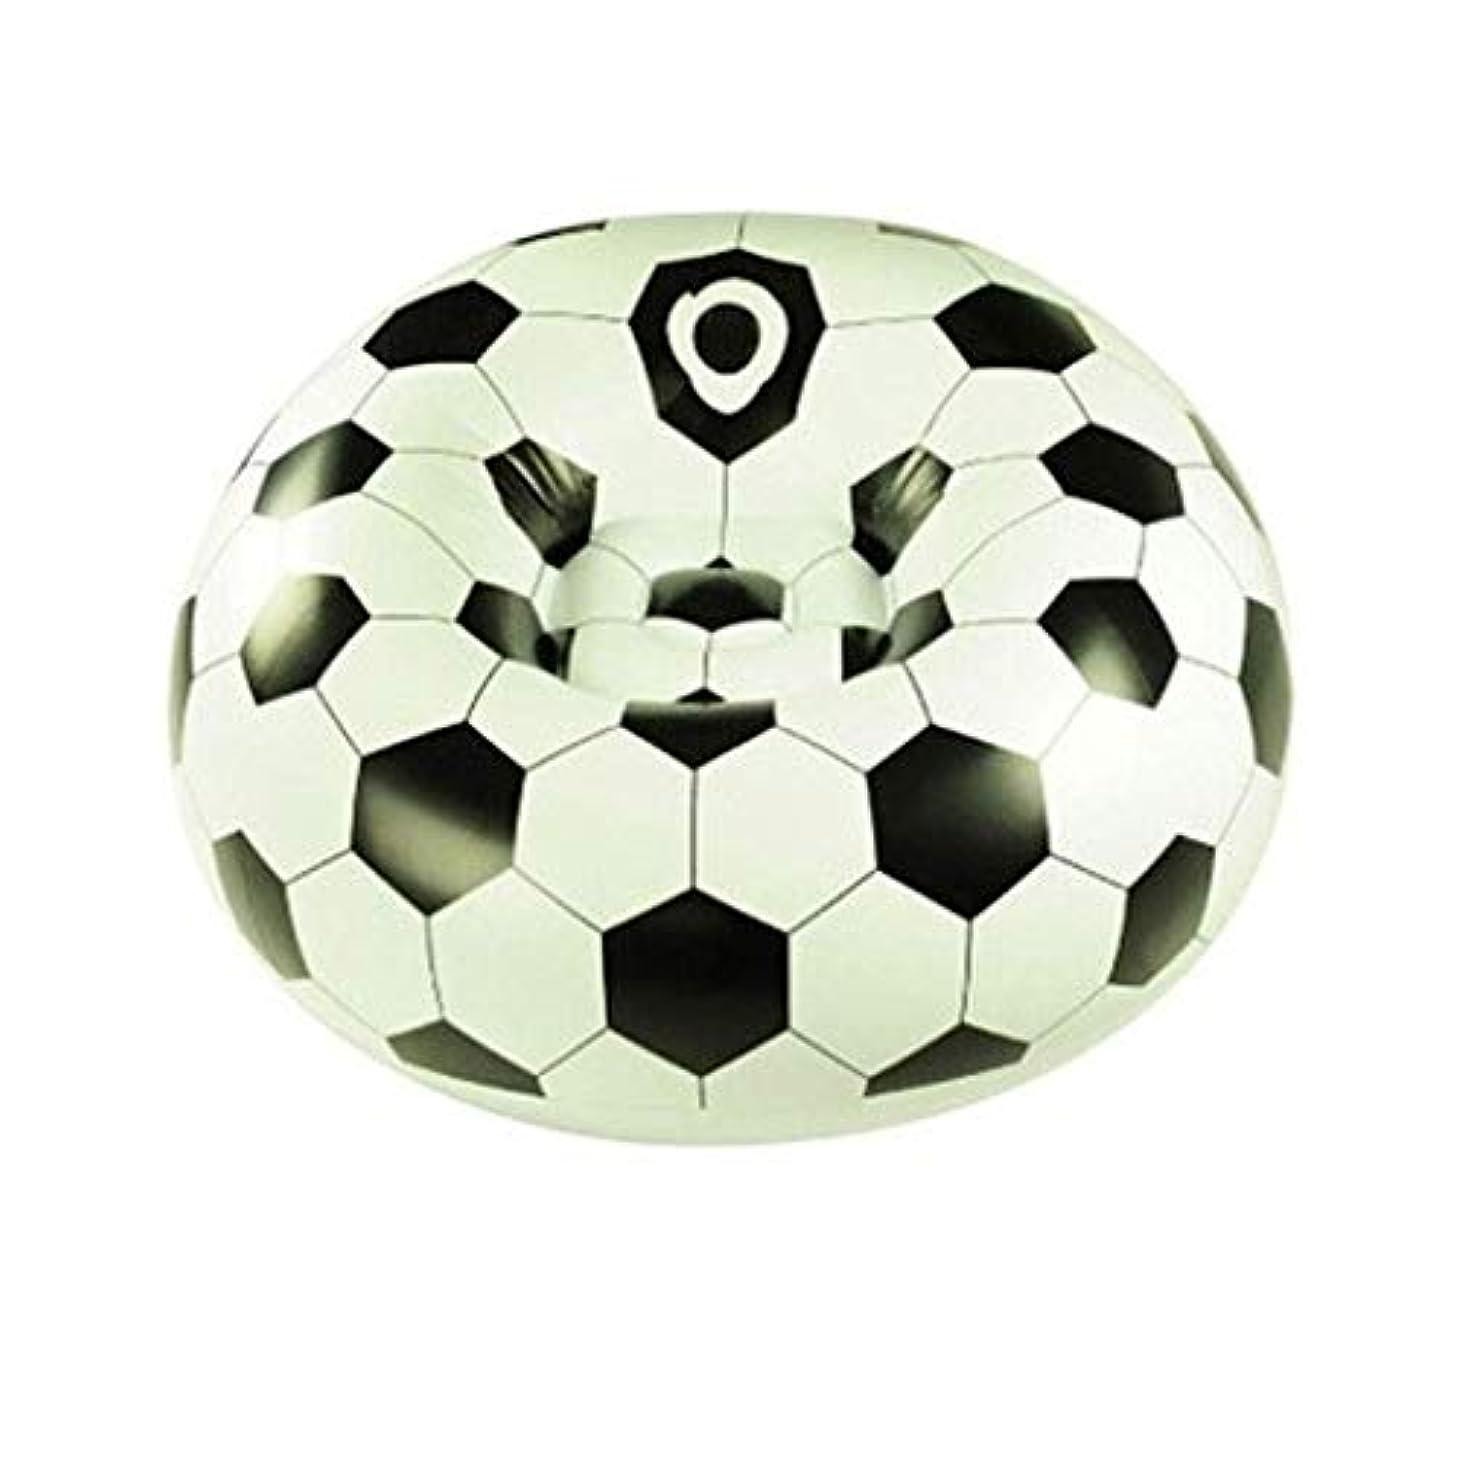 モンク影響する抑制家庭用エアベッドラテックスフットボールシングルソファインフレータブルラウンジャーシングルインフレータブルランチ休憩チェア110×80 cm